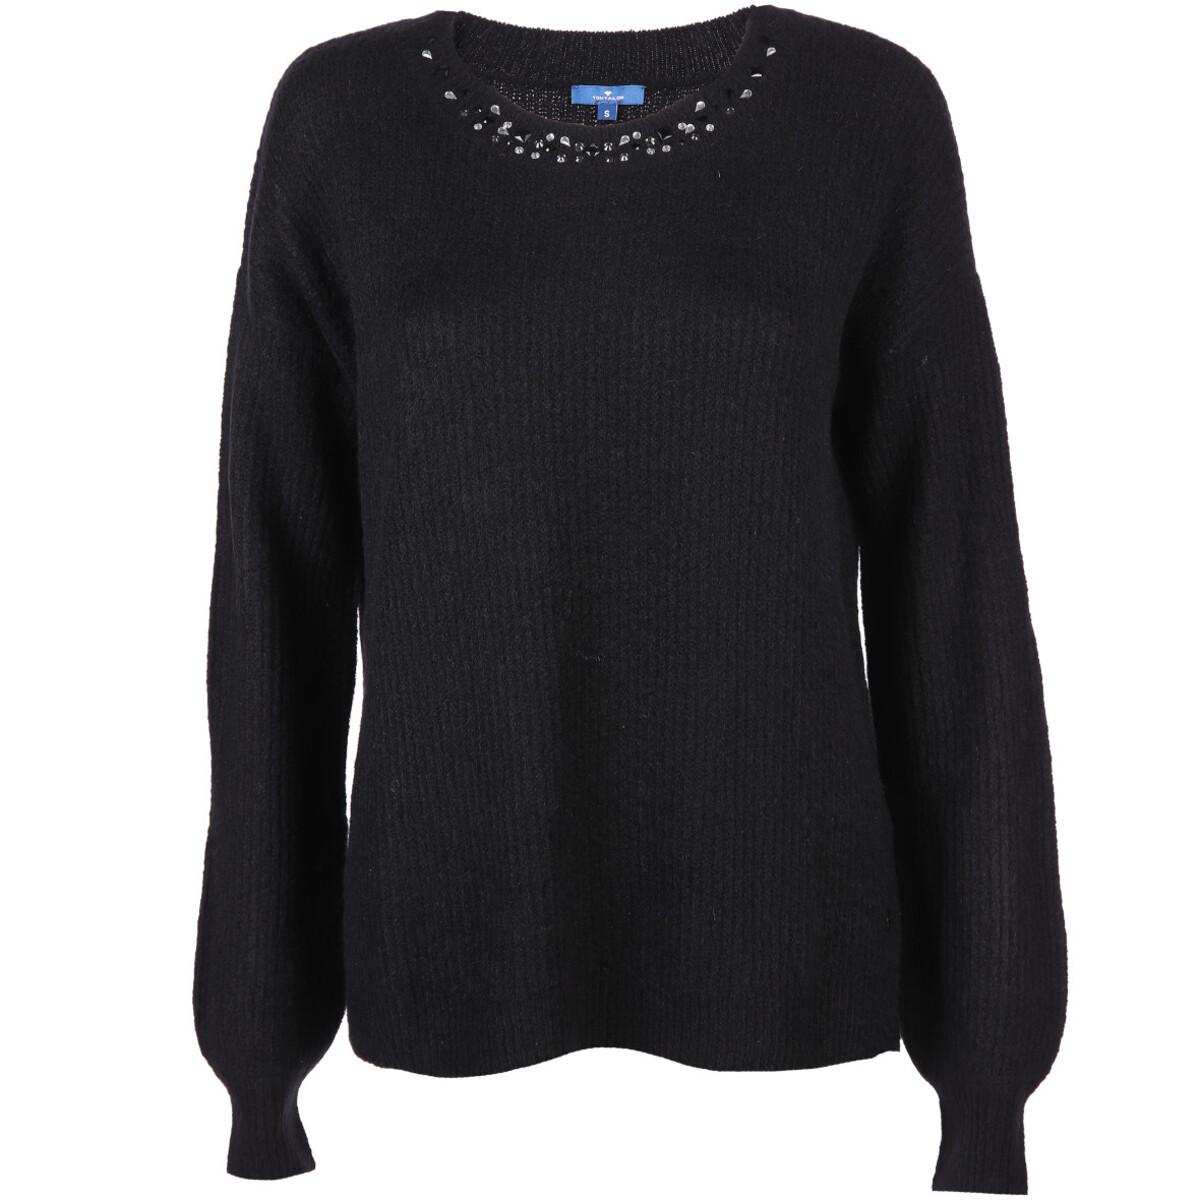 Bild 1 von Damen Pullover mit Glitzersteinchen